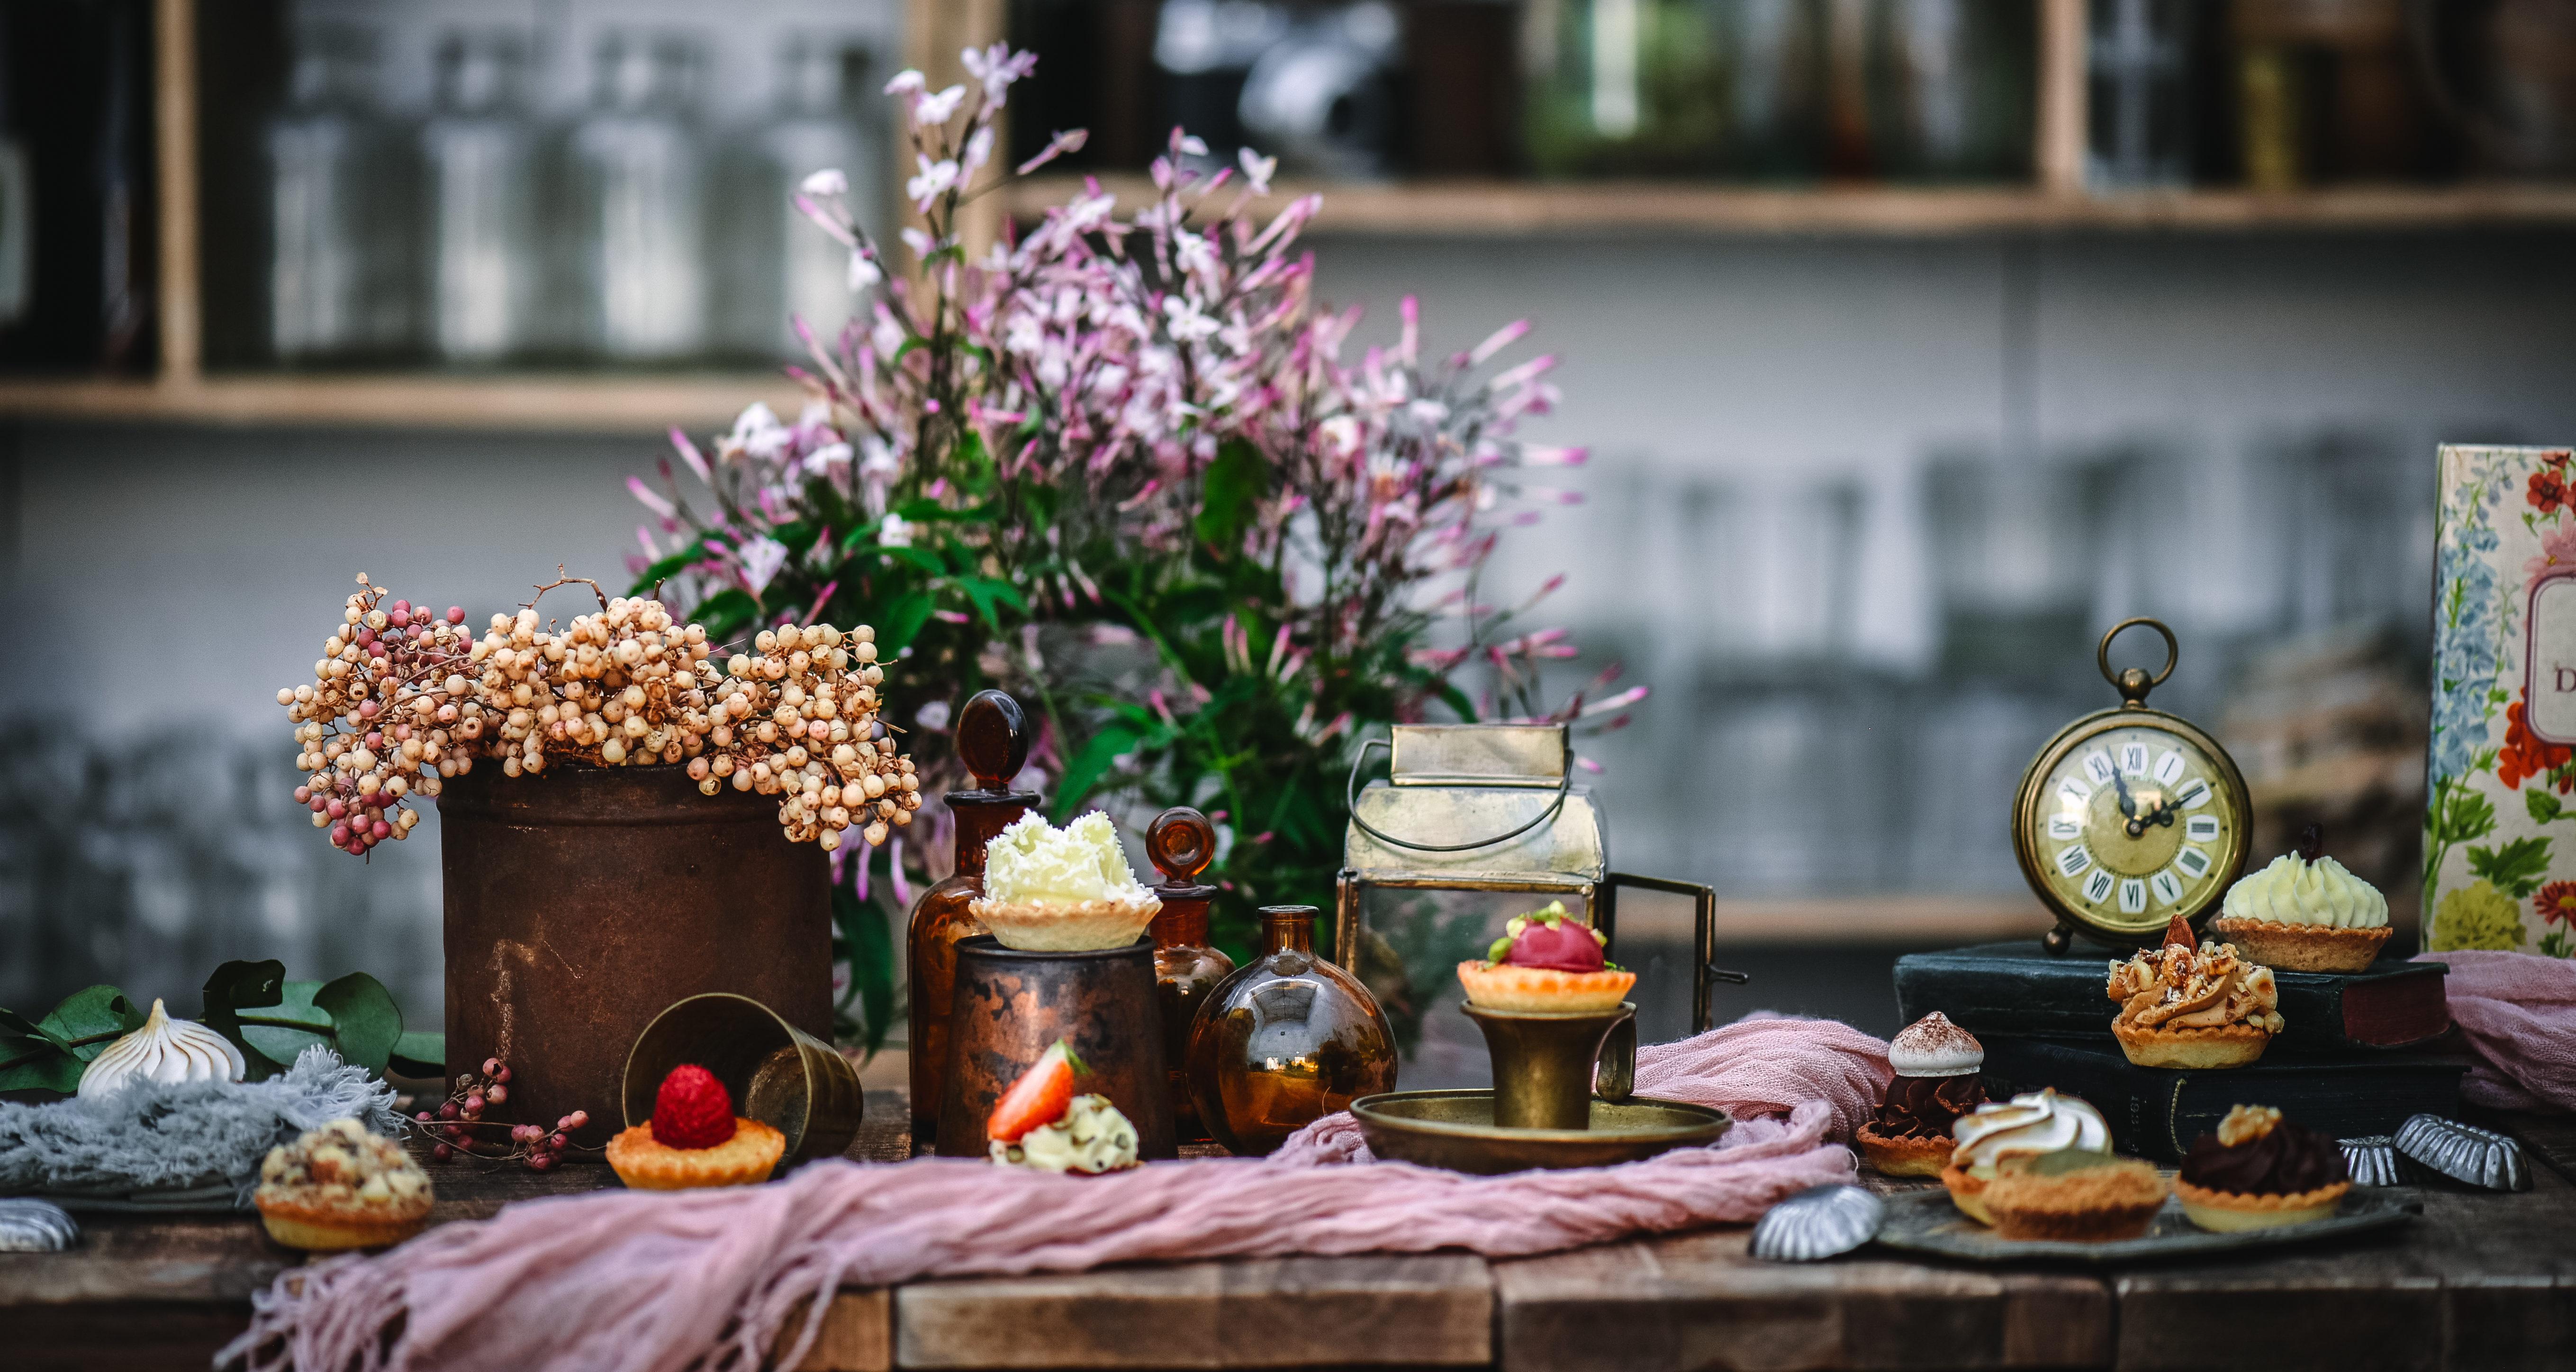 Mignardises Pâtisseries huiles essentielles naturel Géranium Framboise